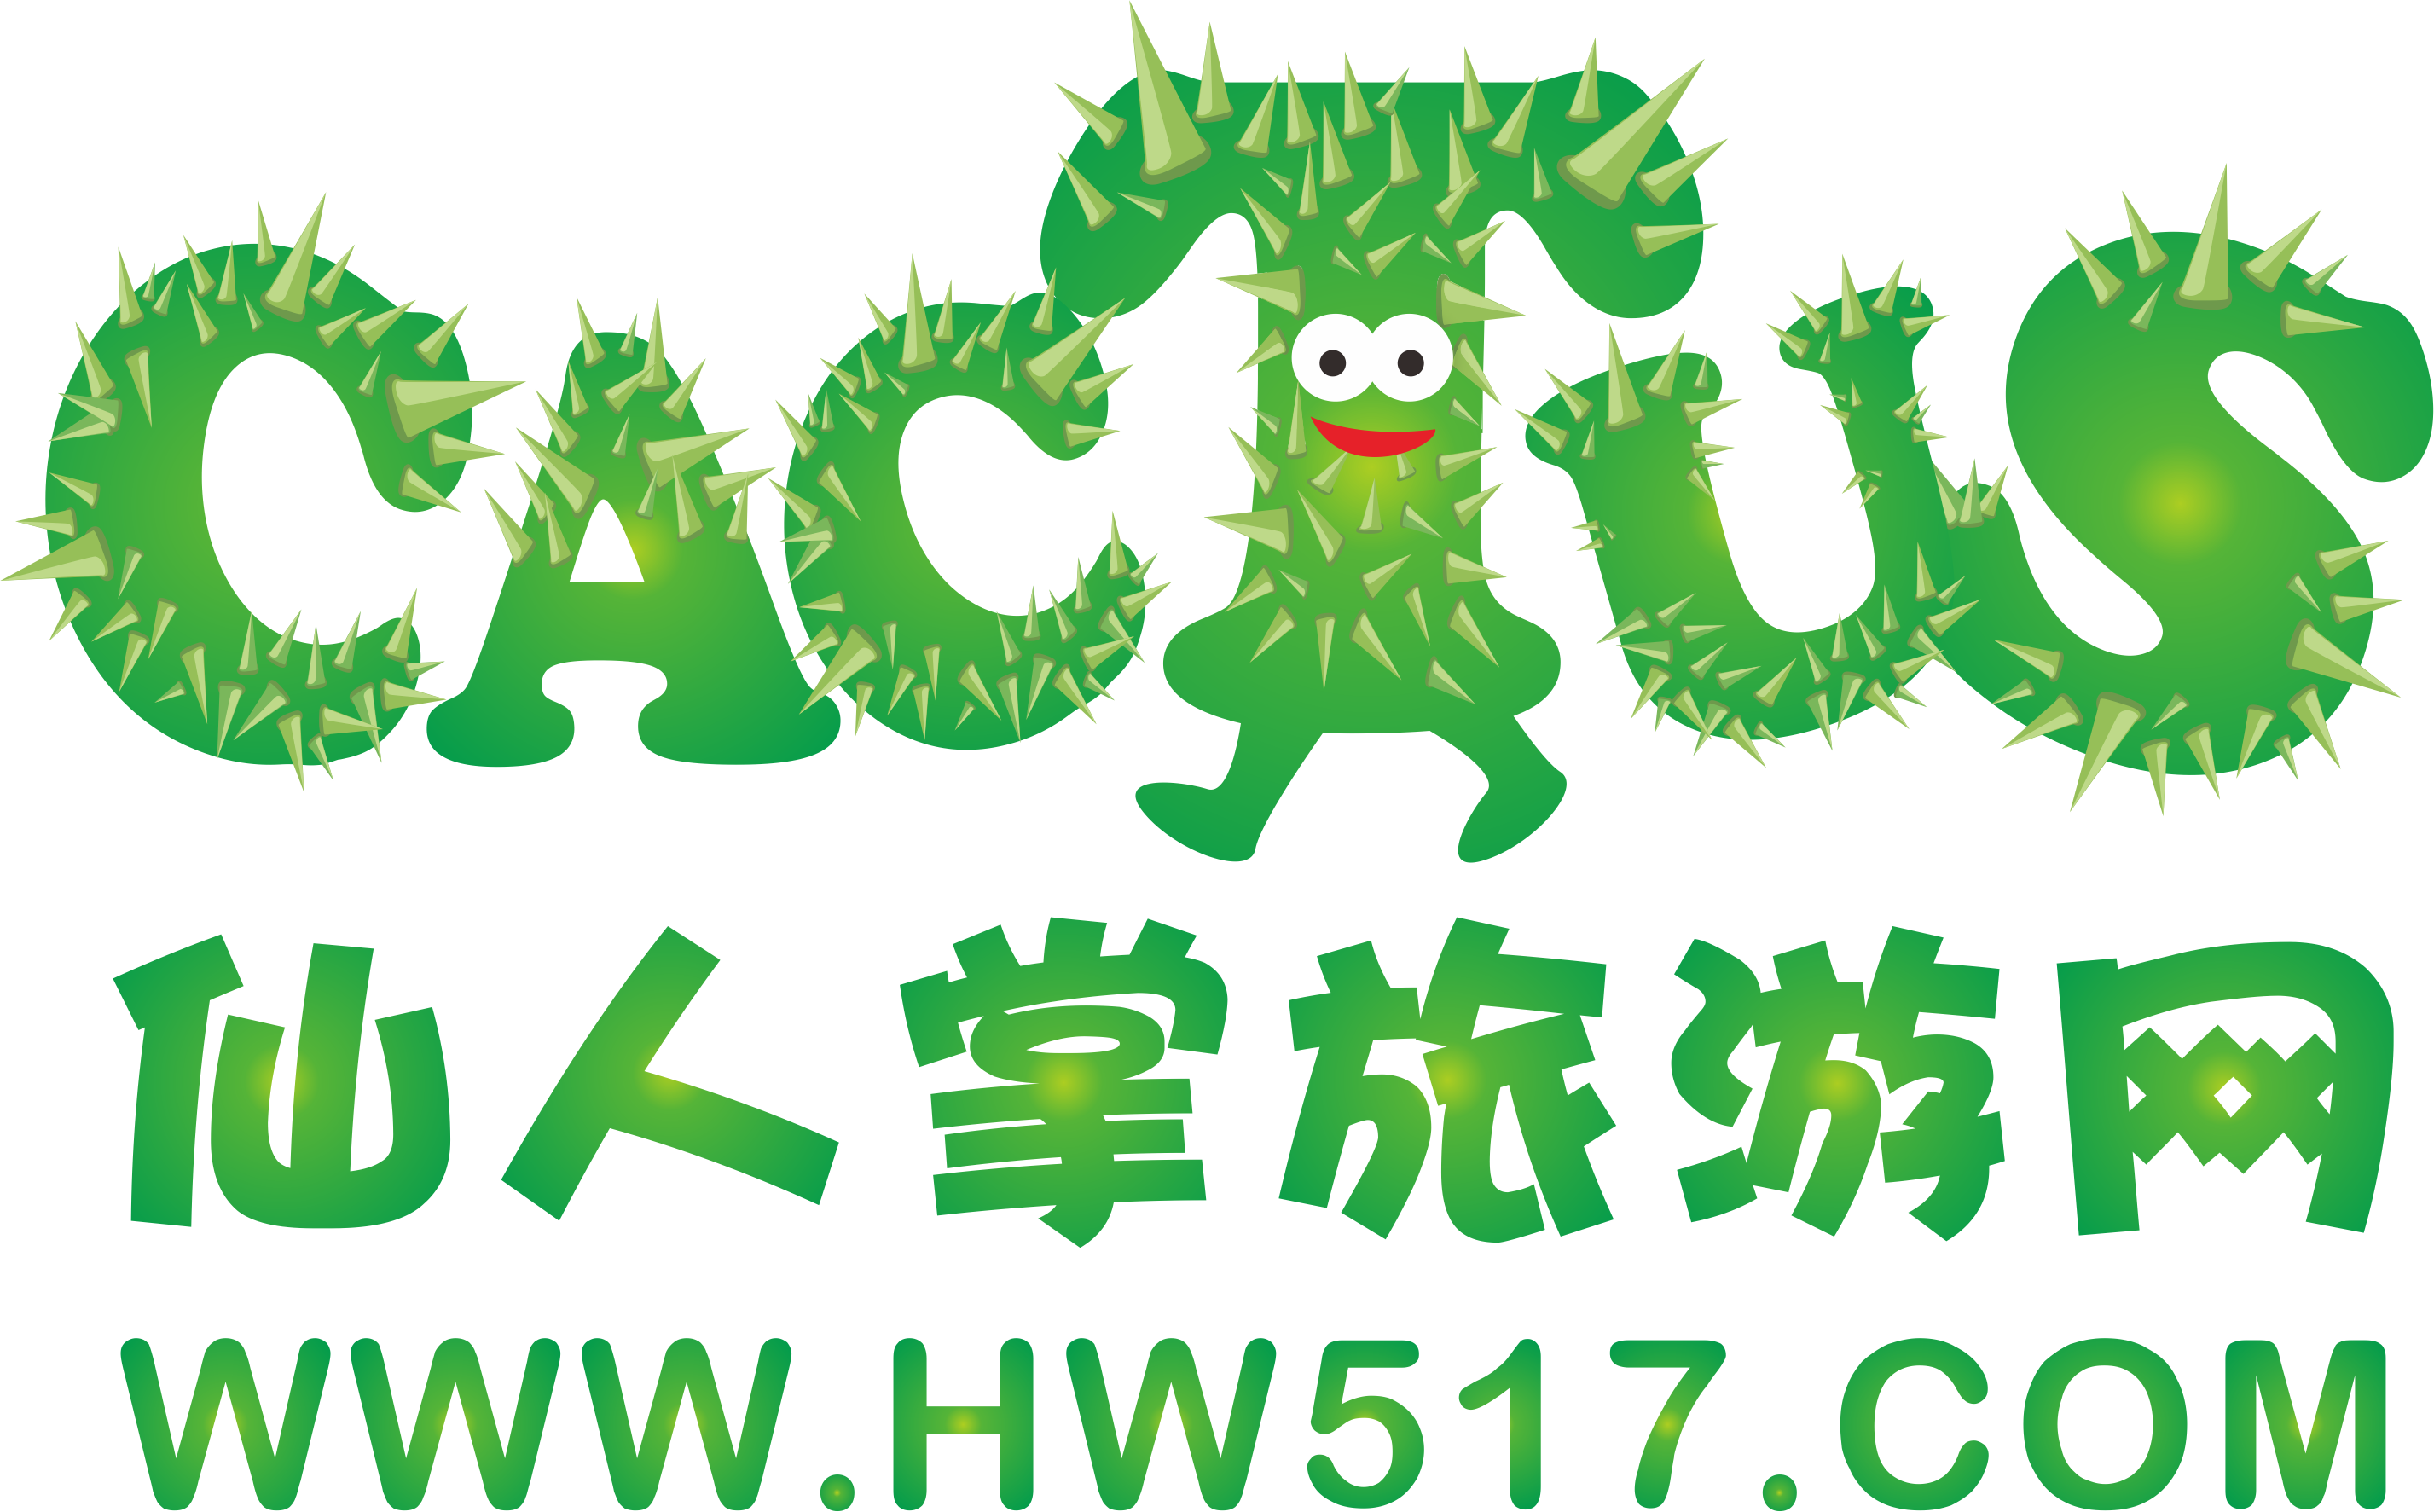 【新春·尊享】三亚蜈支洲岛、亚龙湾天堂森林公园、南山品质游